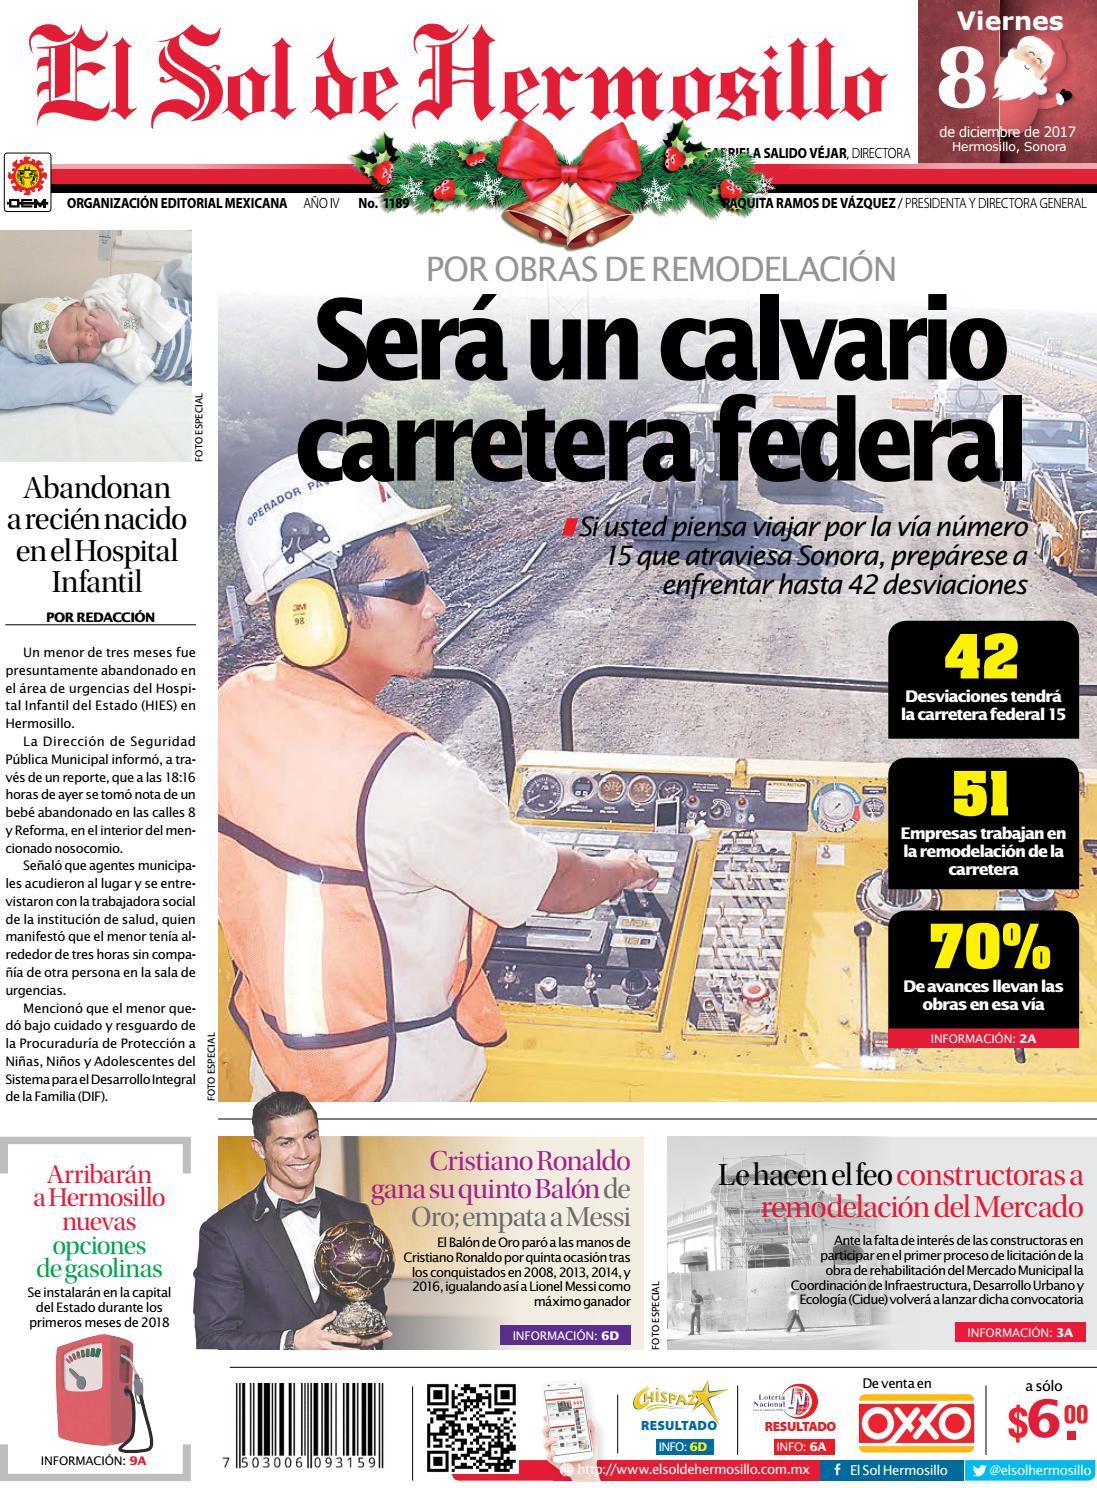 Edicion Impresa 17 De Noviembre By El Sol De Hermosillo Issuu # Cota Muebles Teziutlan